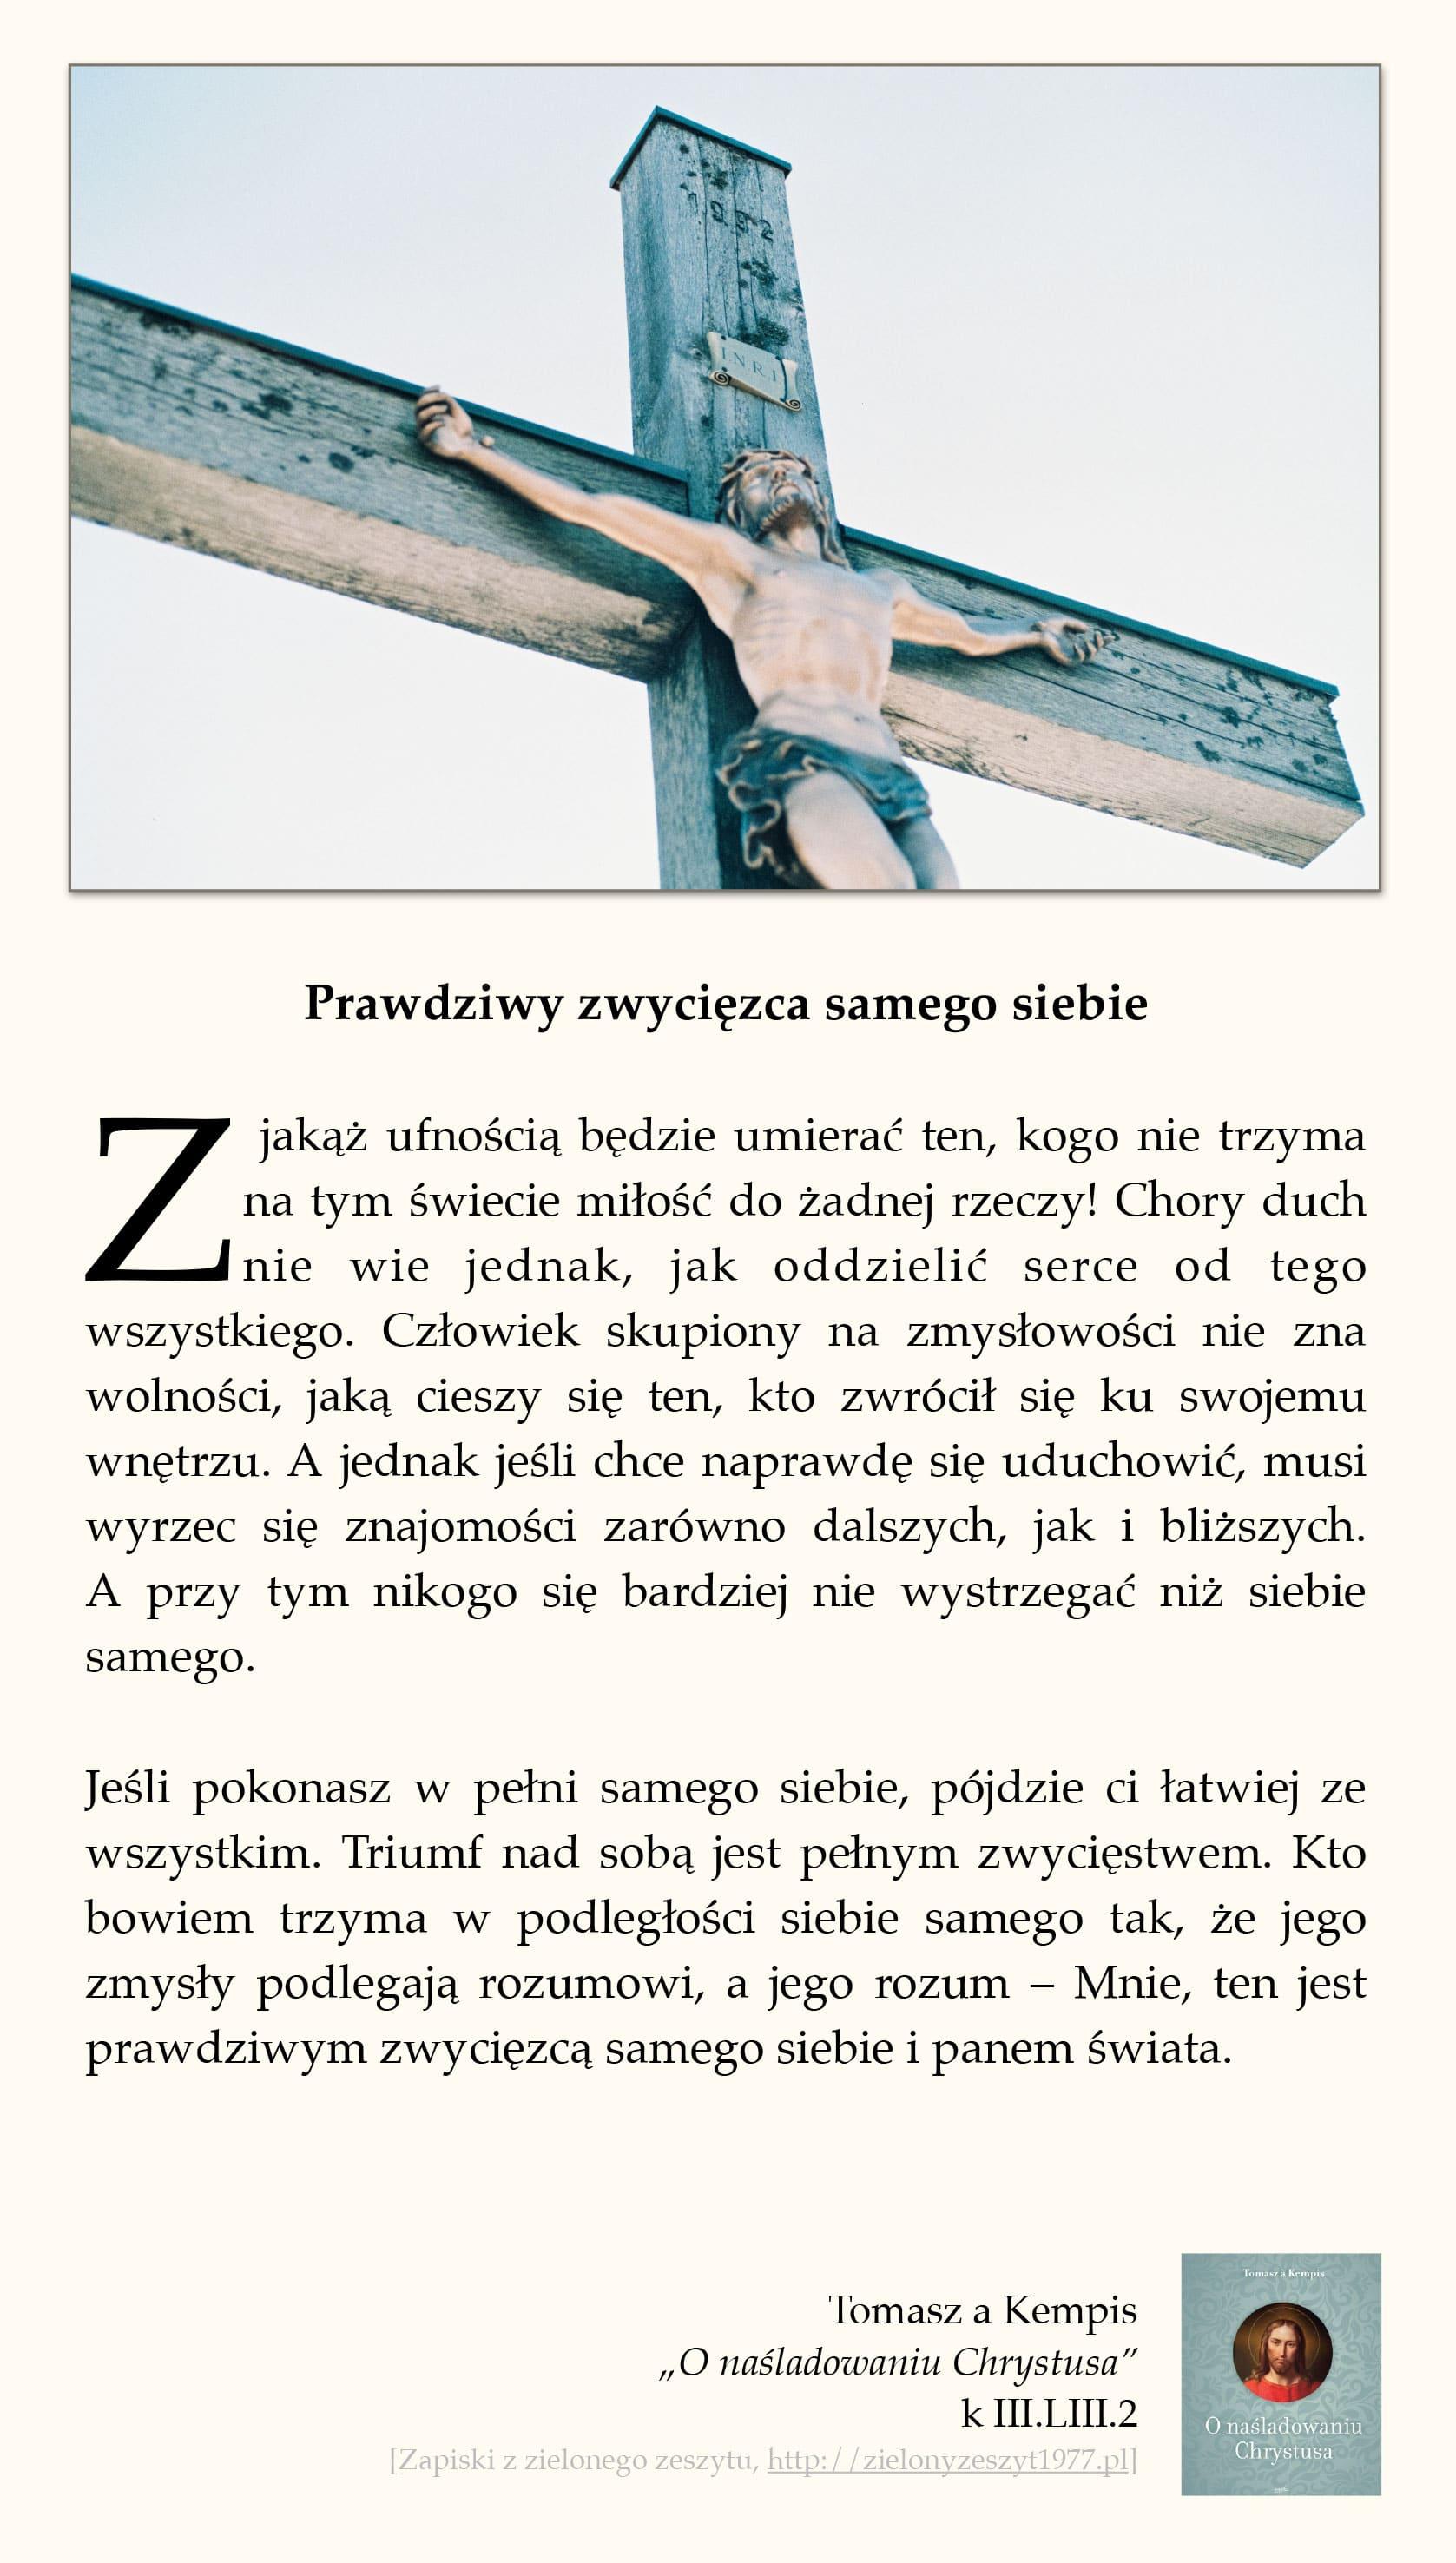 """Tomasz a Kempis, """"O naśladowaniu Chrystusa"""", k III.LIII.2 (Prawdziwy zwycięzca samego siebie)"""